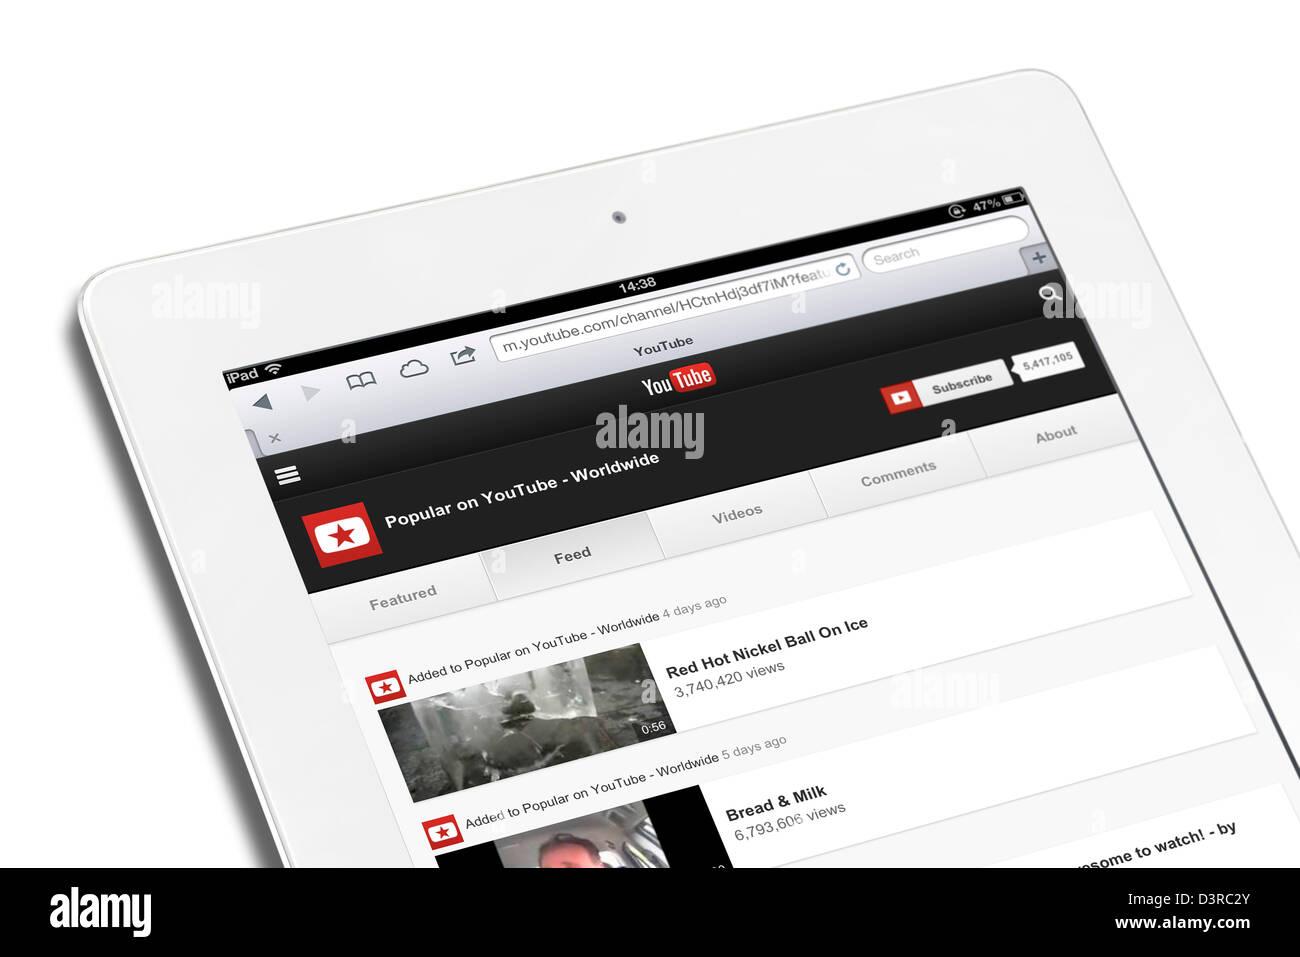 Suchen Sie die beliebtesten Videos auf YouTube mit einem 4. Generation iPad weltweit Stockbild